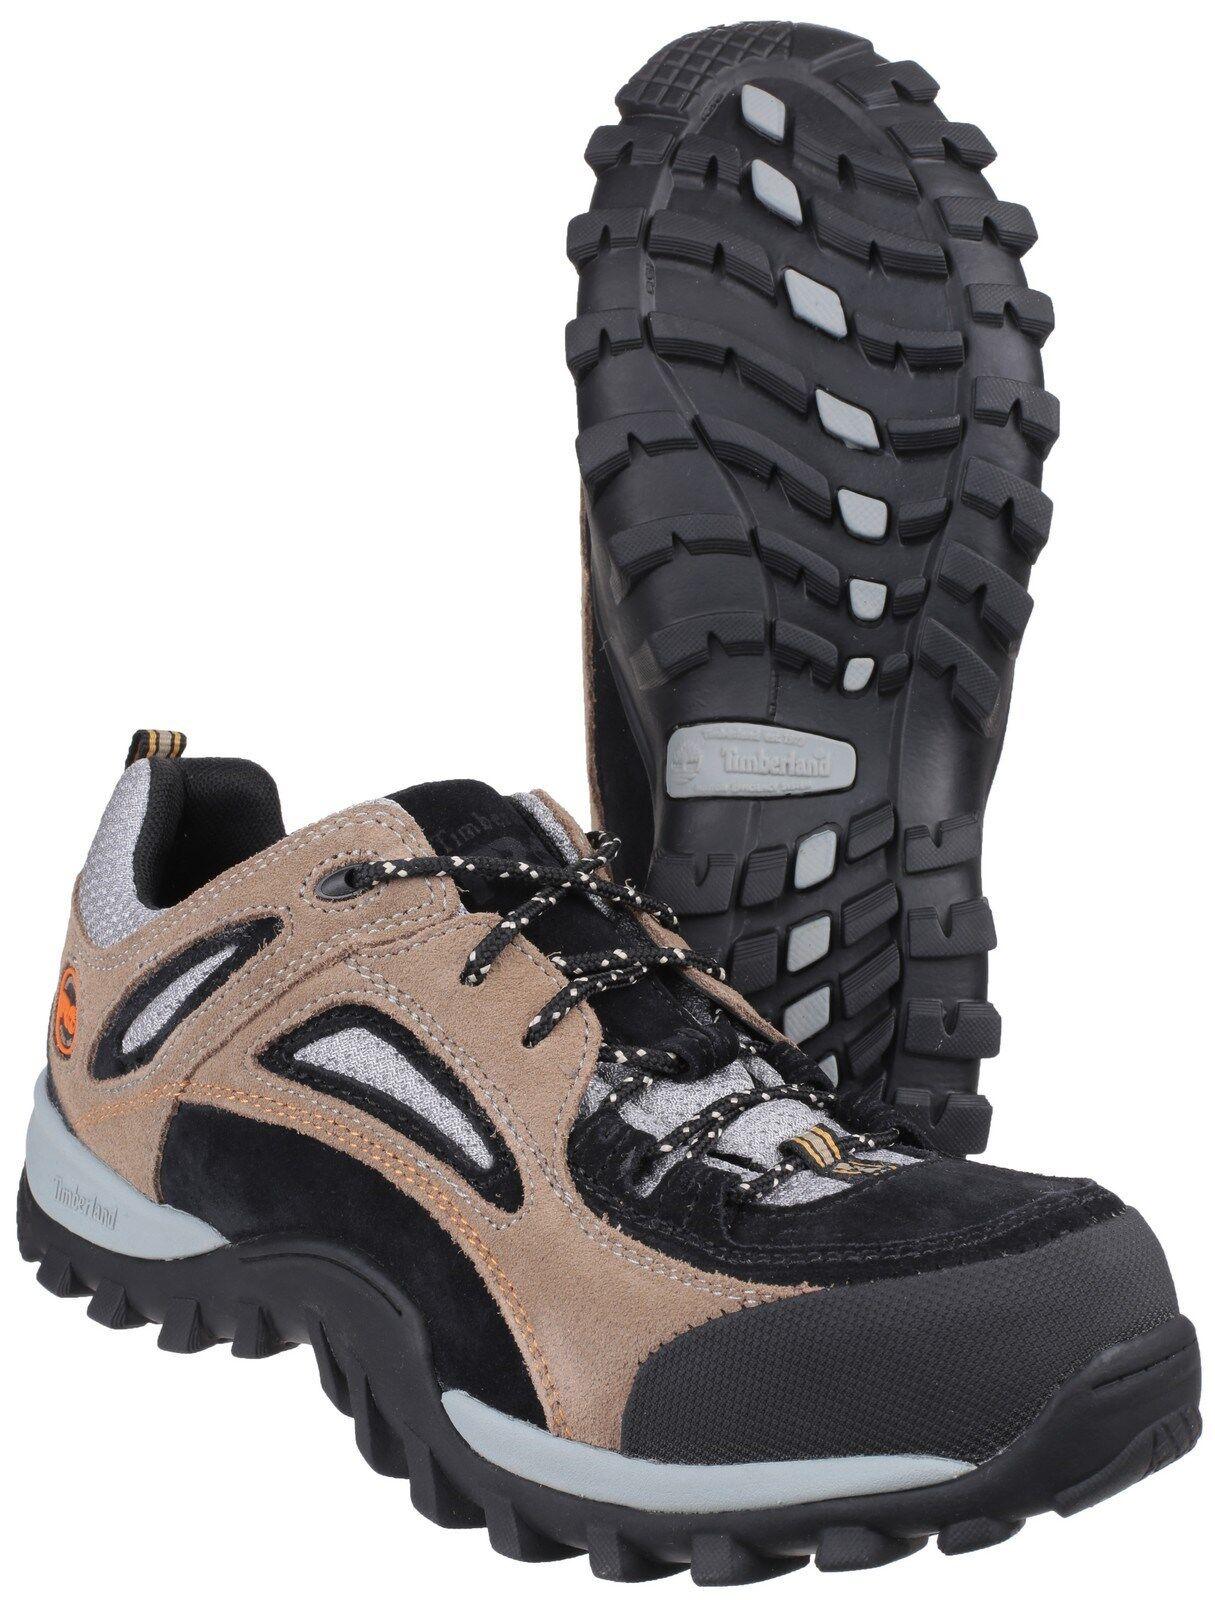 Dettagli su Timberland Pro Mudsill Scarpe di Sicurezza Punta Acciaio Uomini Scarpe UK6 12